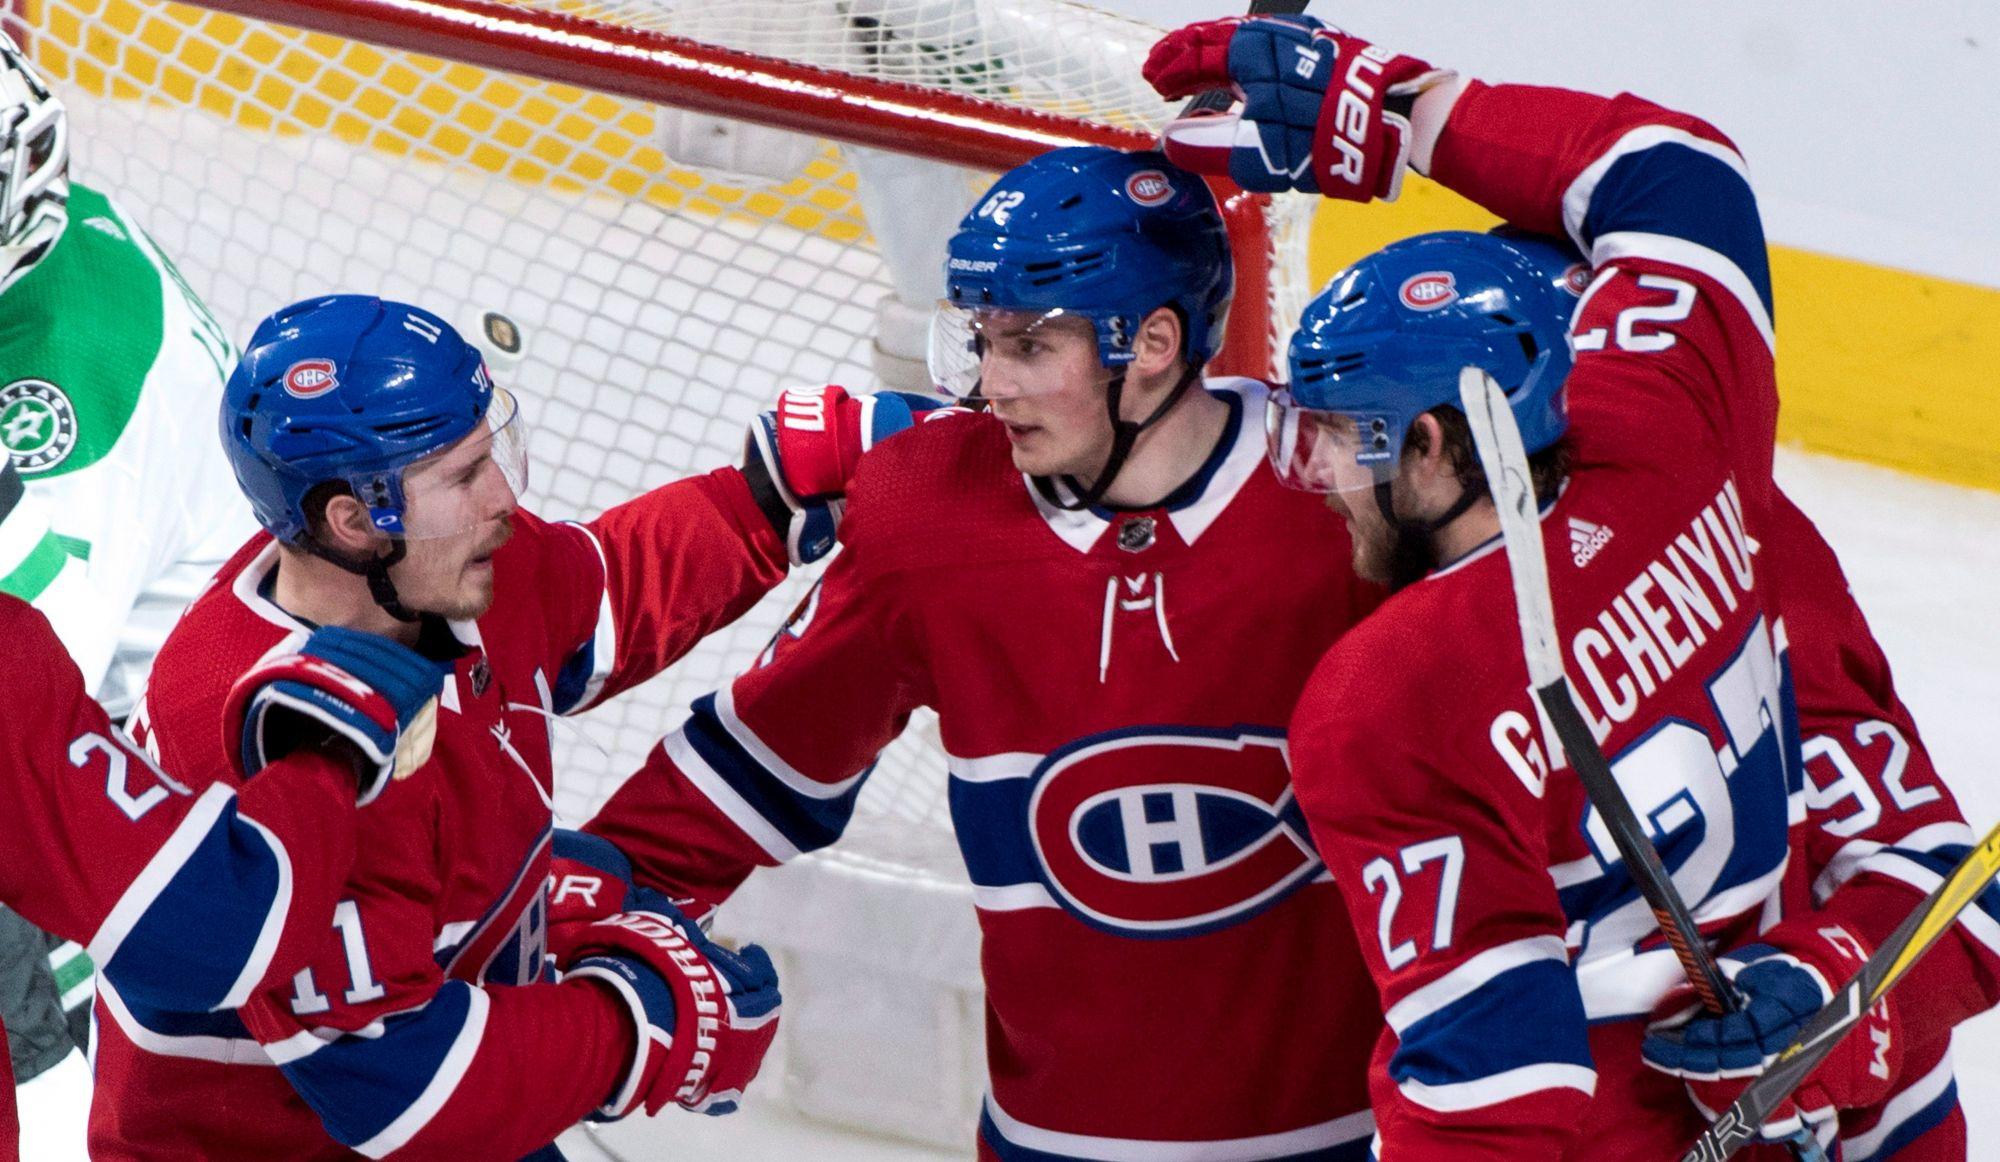 Le Canadien bat les Stars 4-2 au terme d'un match intense (vidéo)